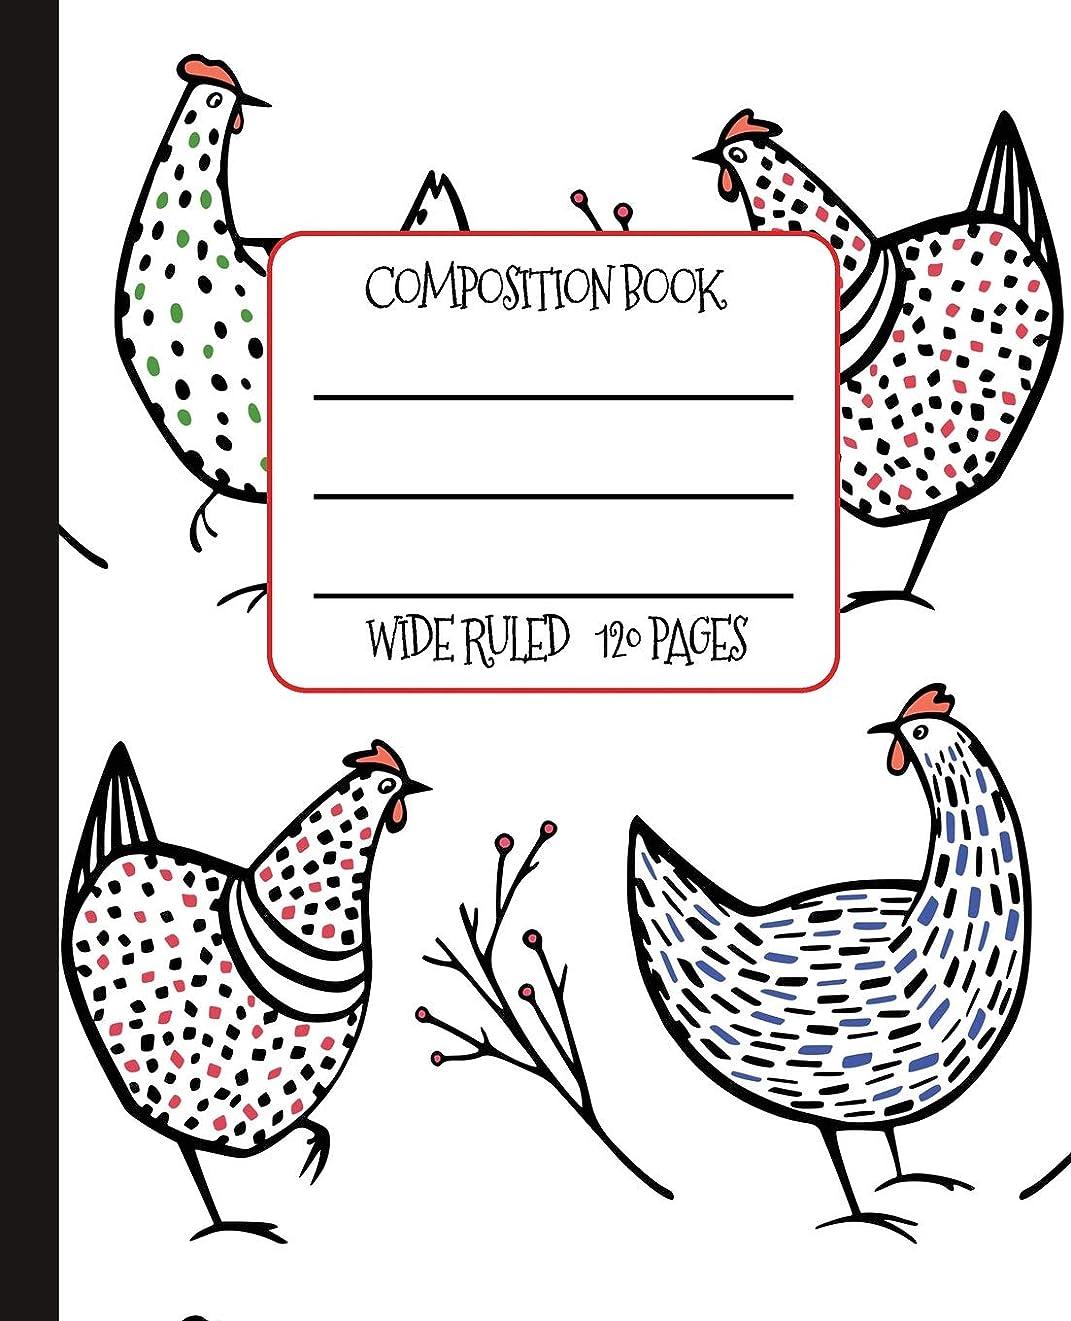 幽霊拡声器クラスWide Ruled Composition Book: Whimsical Speckled Hens Themed Composition Notebook for school, work, or home!  Keep your notes organized and a smile on your face! Wonderful gift for anyone who loves Chickens! (Chicken Lovers Composition Books)